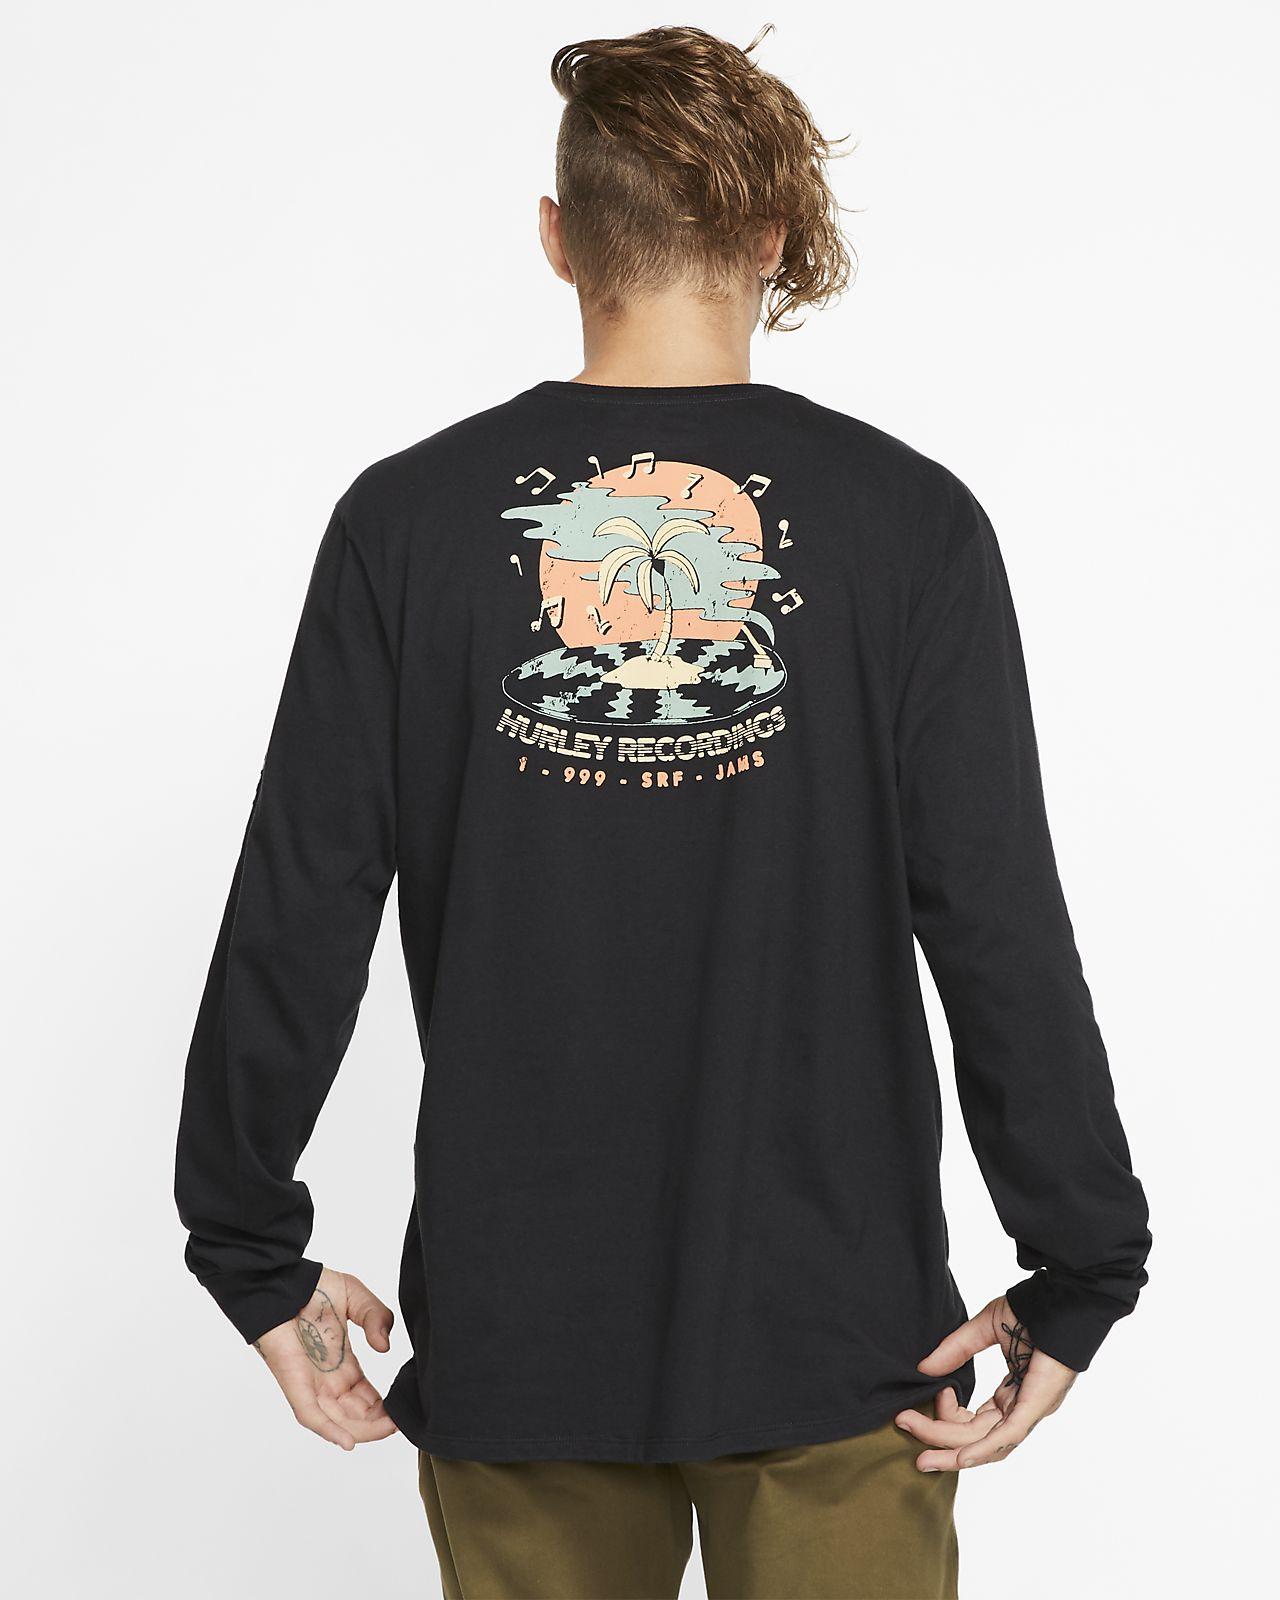 Långärmad t-shirt Hurley Premium Record Palms för män